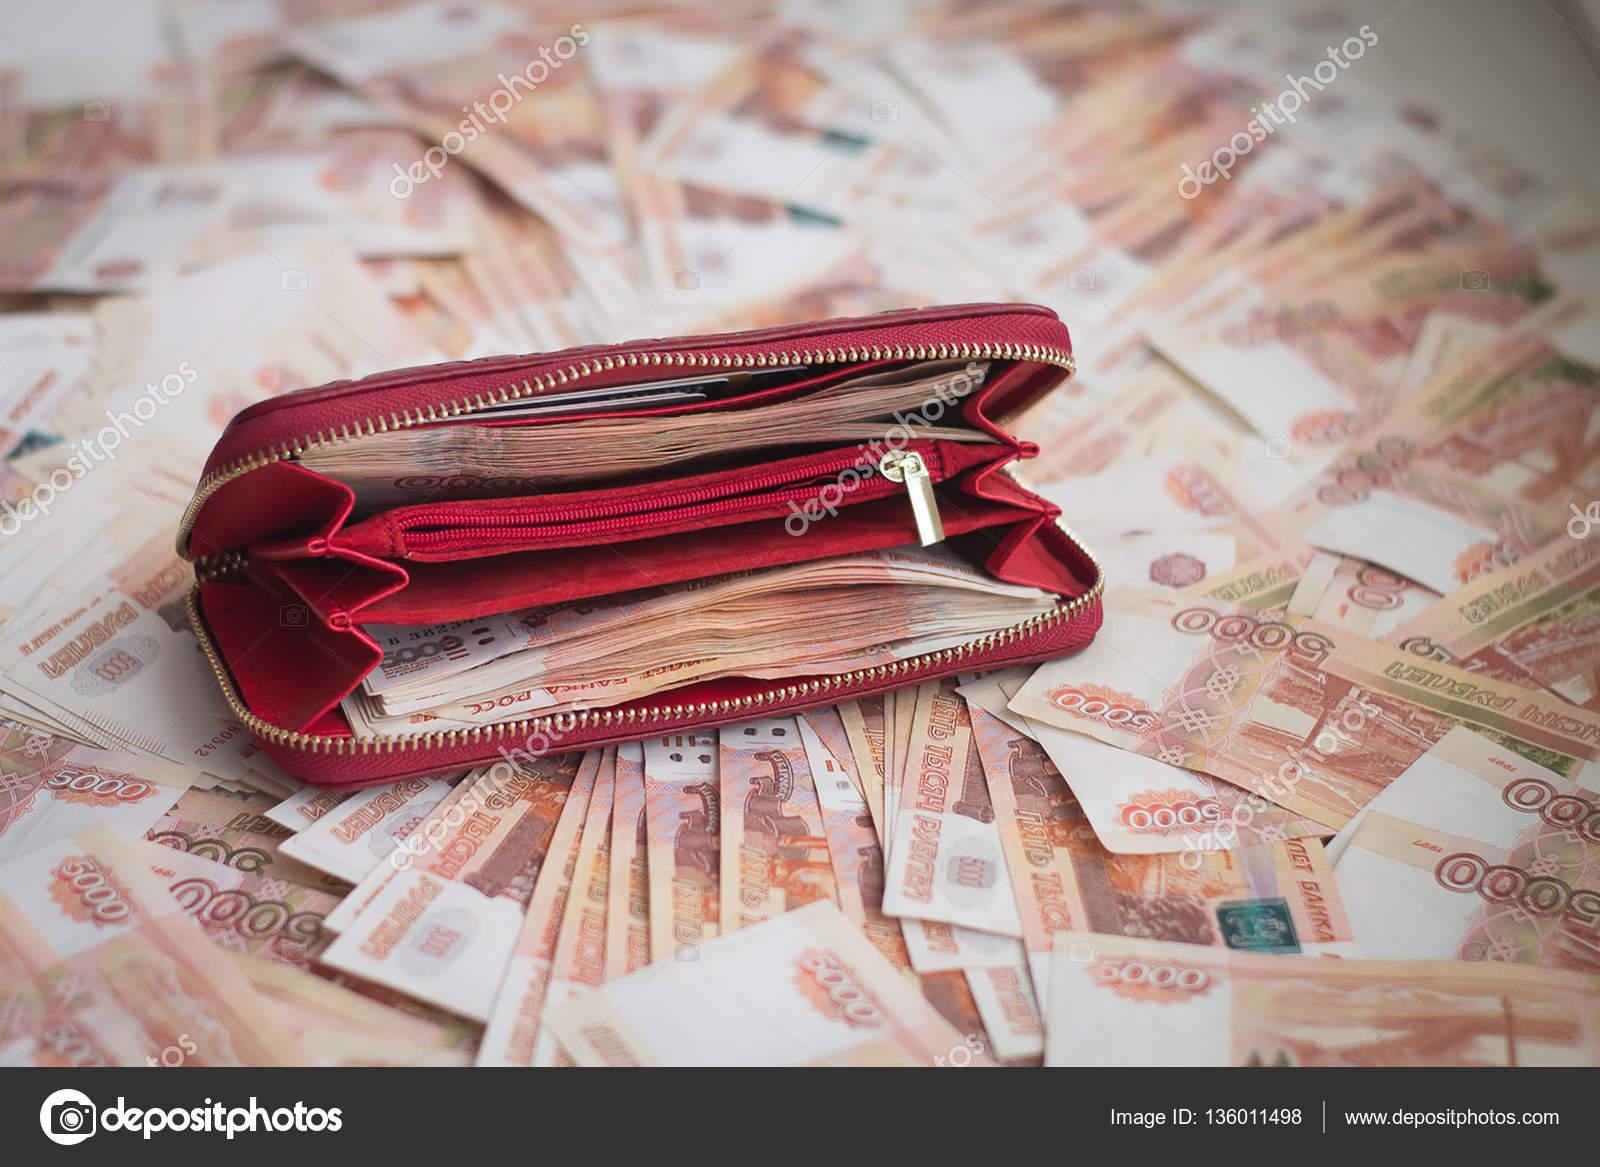 картинки красного кошелька с деньгами контур заранее рисуется